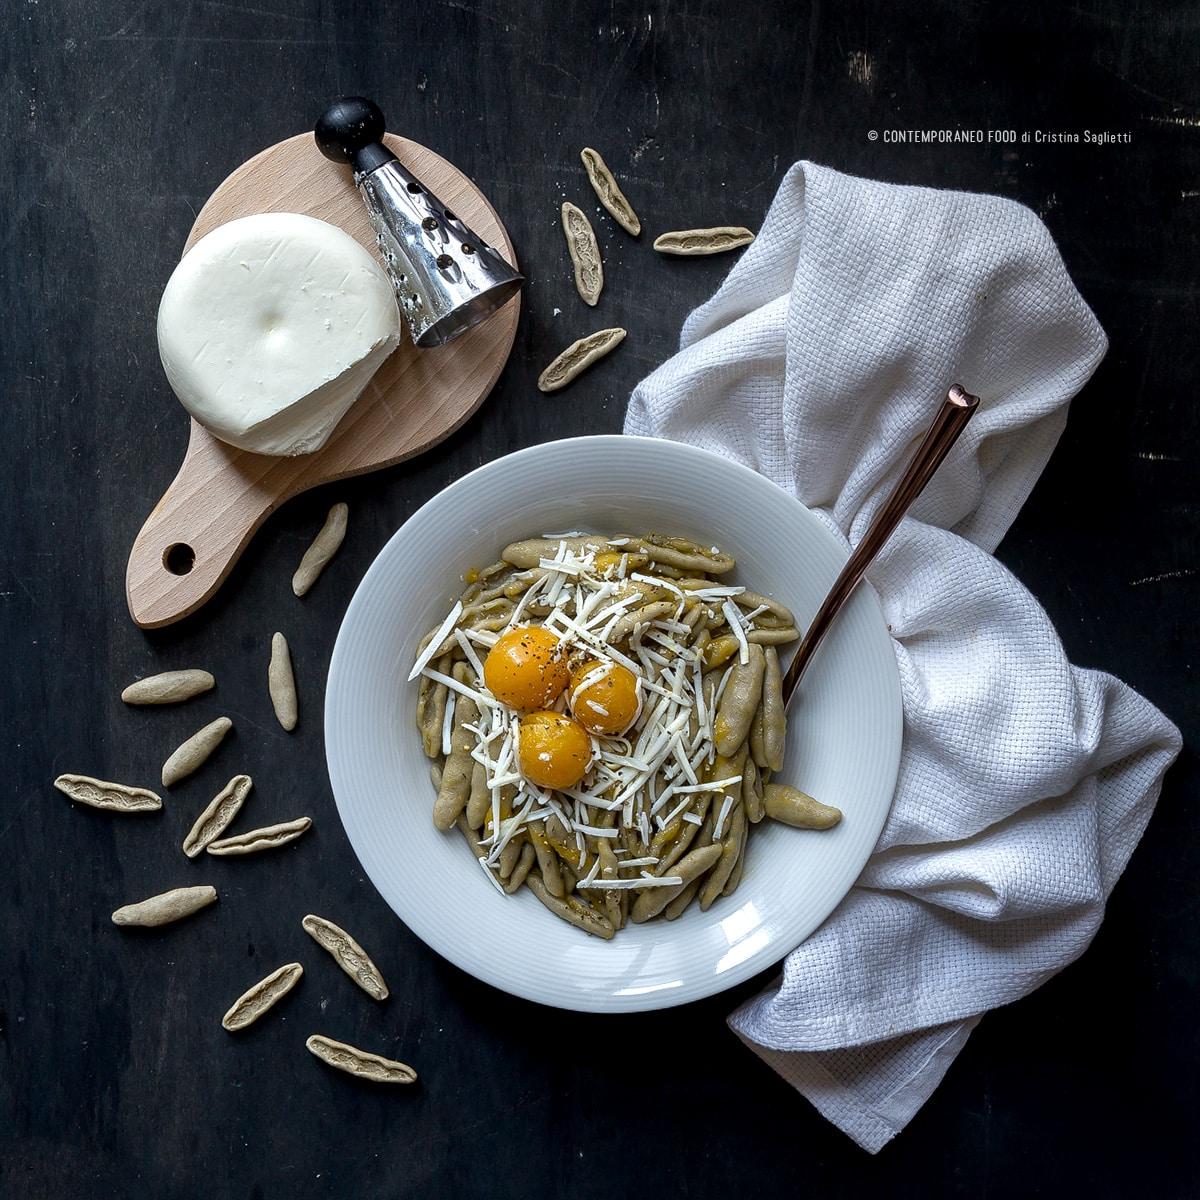 pasta-grano-arso-pomodorini-pachino-gialli-cacioricotta-ricetta-primi-facili-pasta-contemporaneo-food